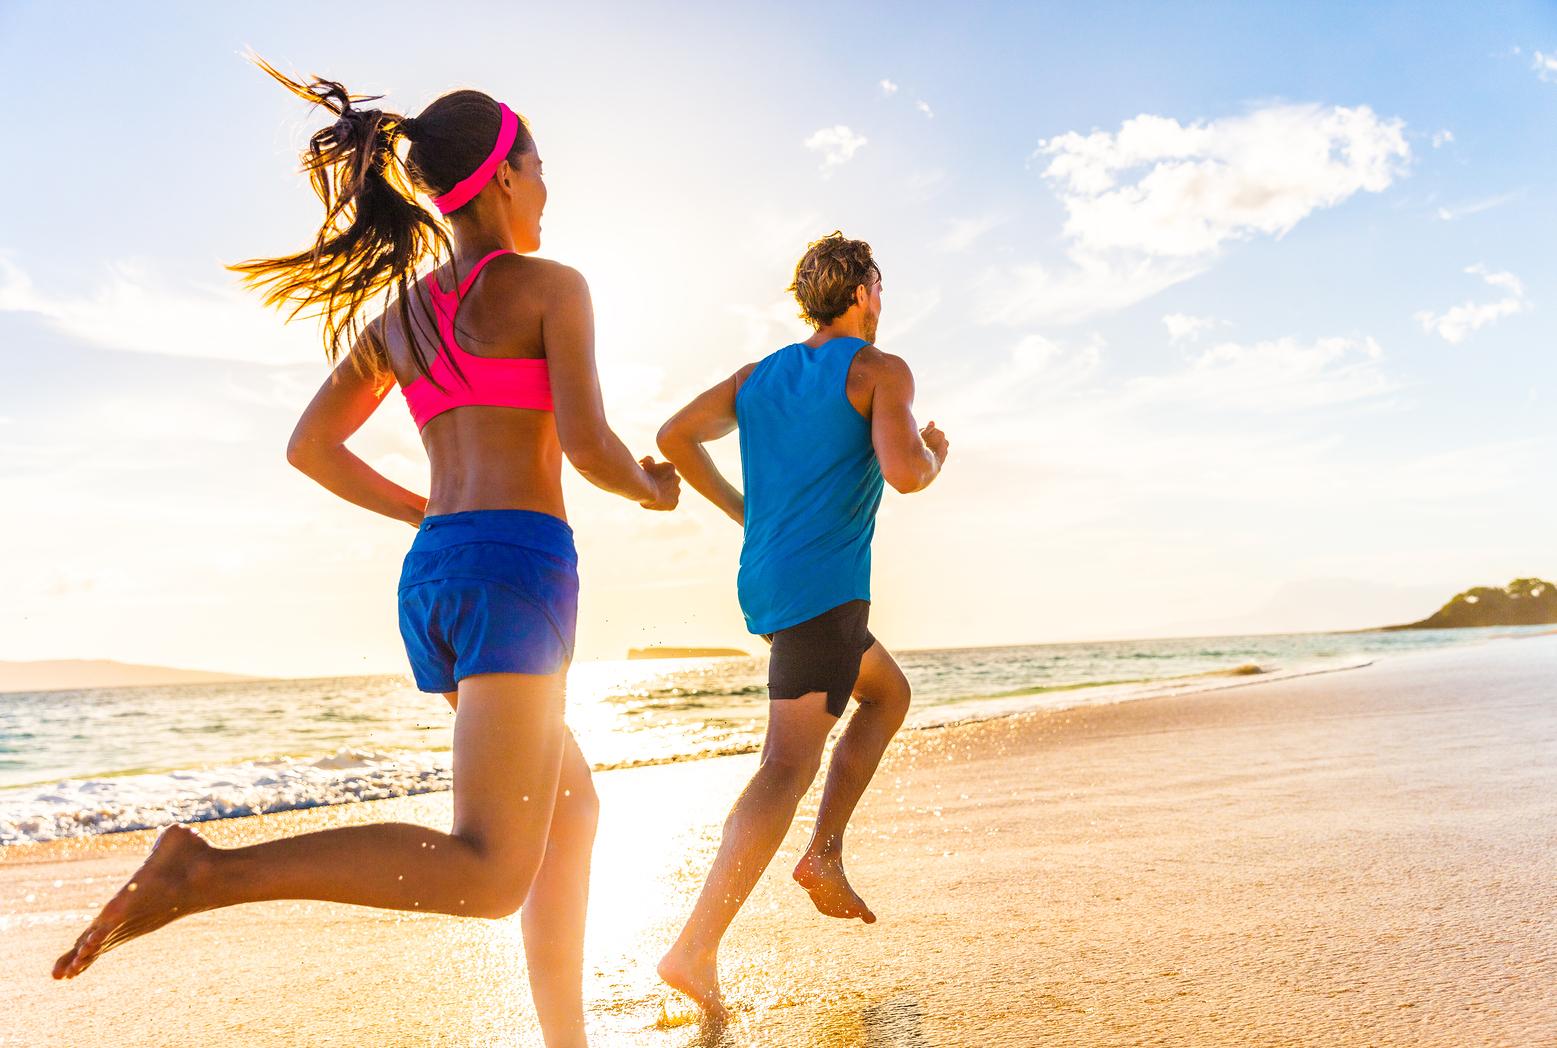 Chicos corriendo en la playa